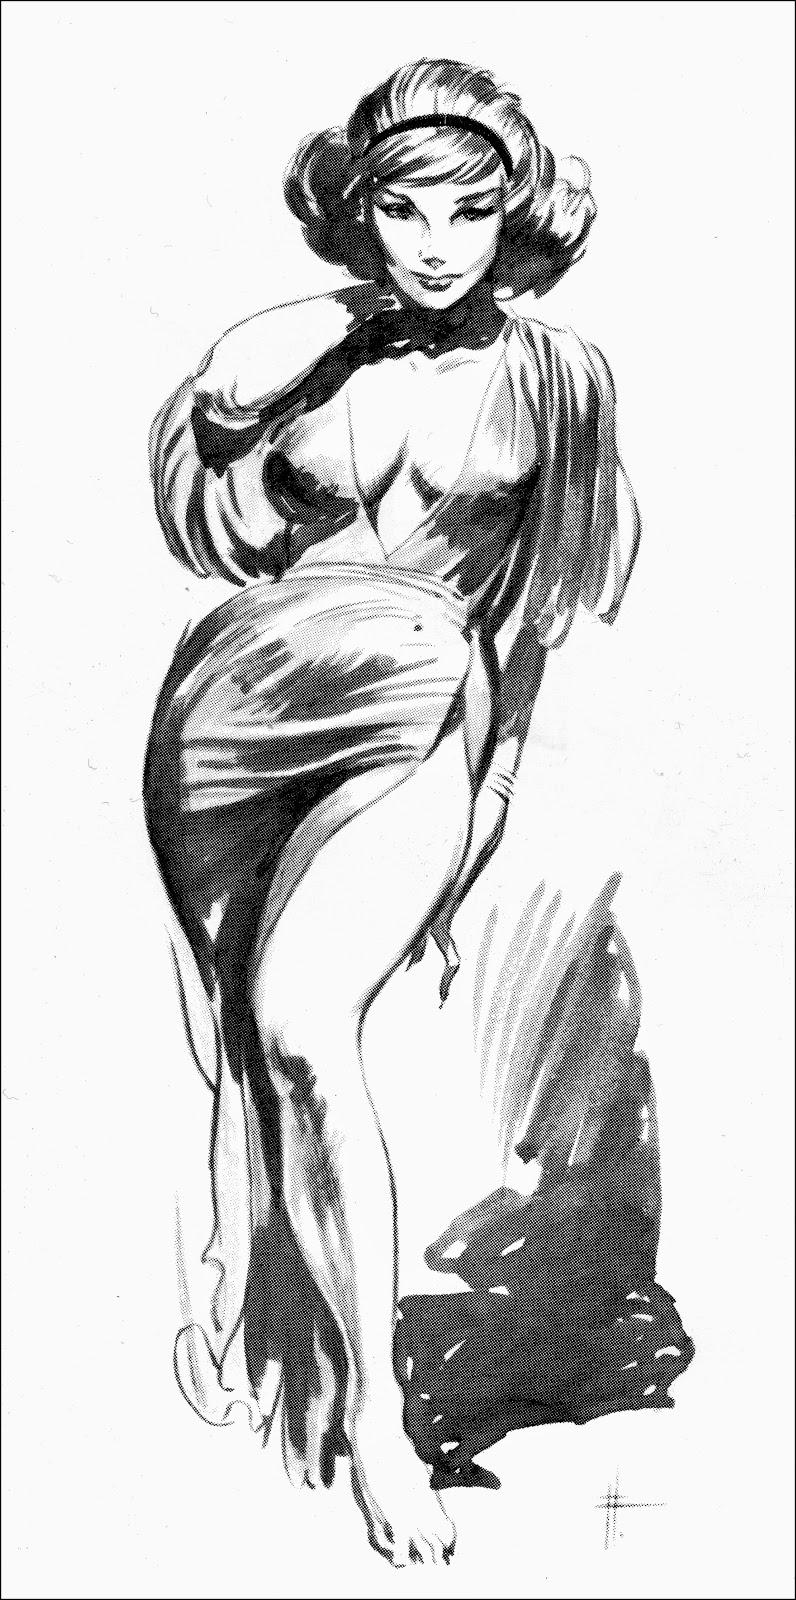 комиксы эротические черно белые № 2832 загрузить